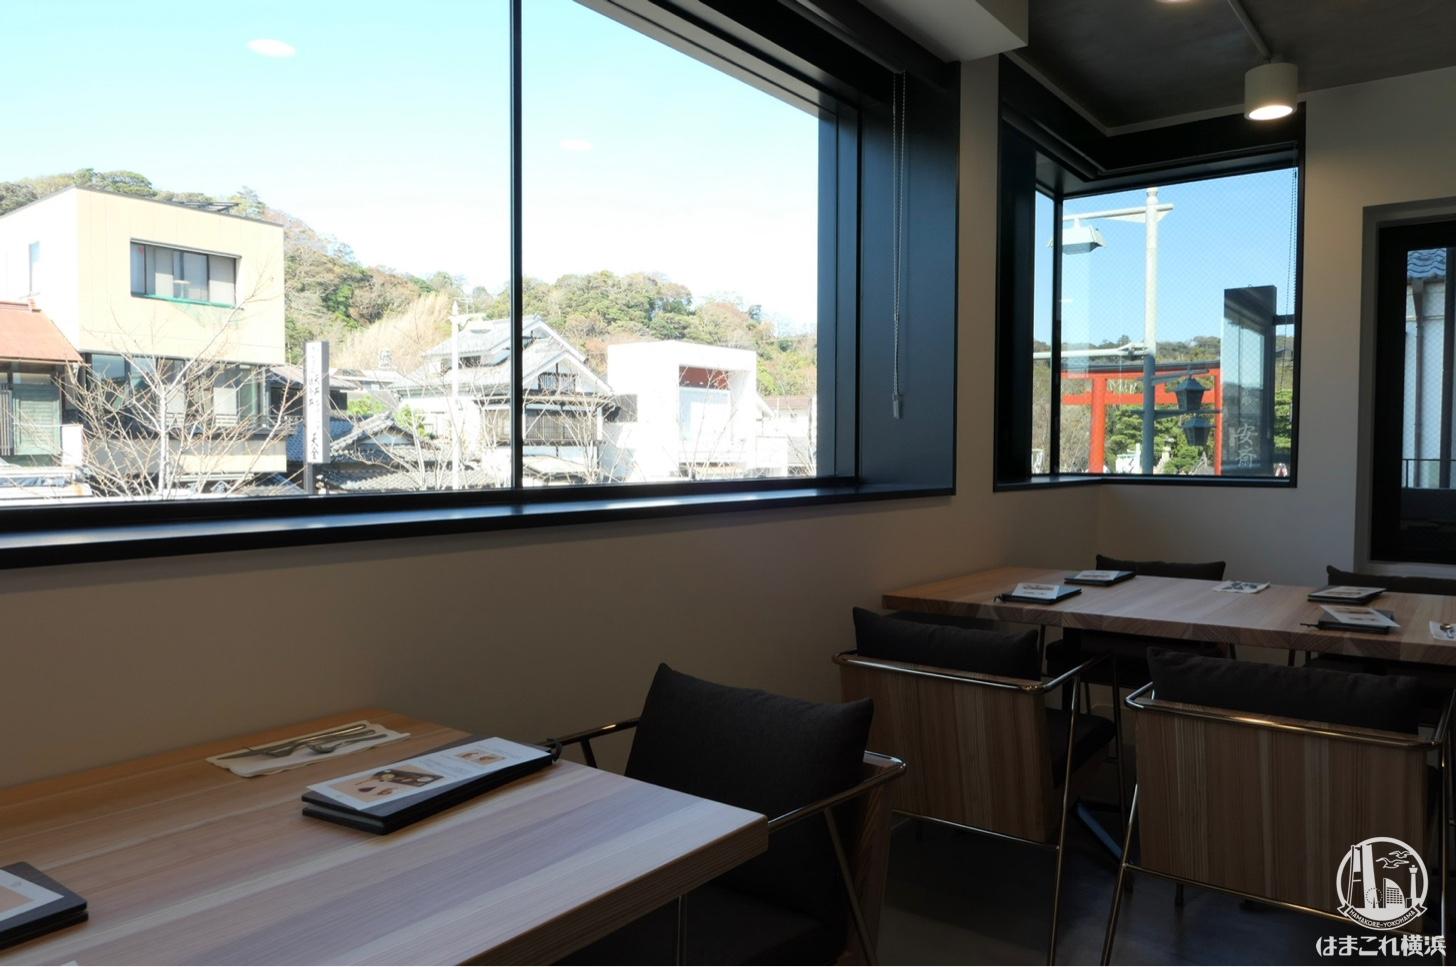 サロン・ド・クルミッ子 窓側の席と青空